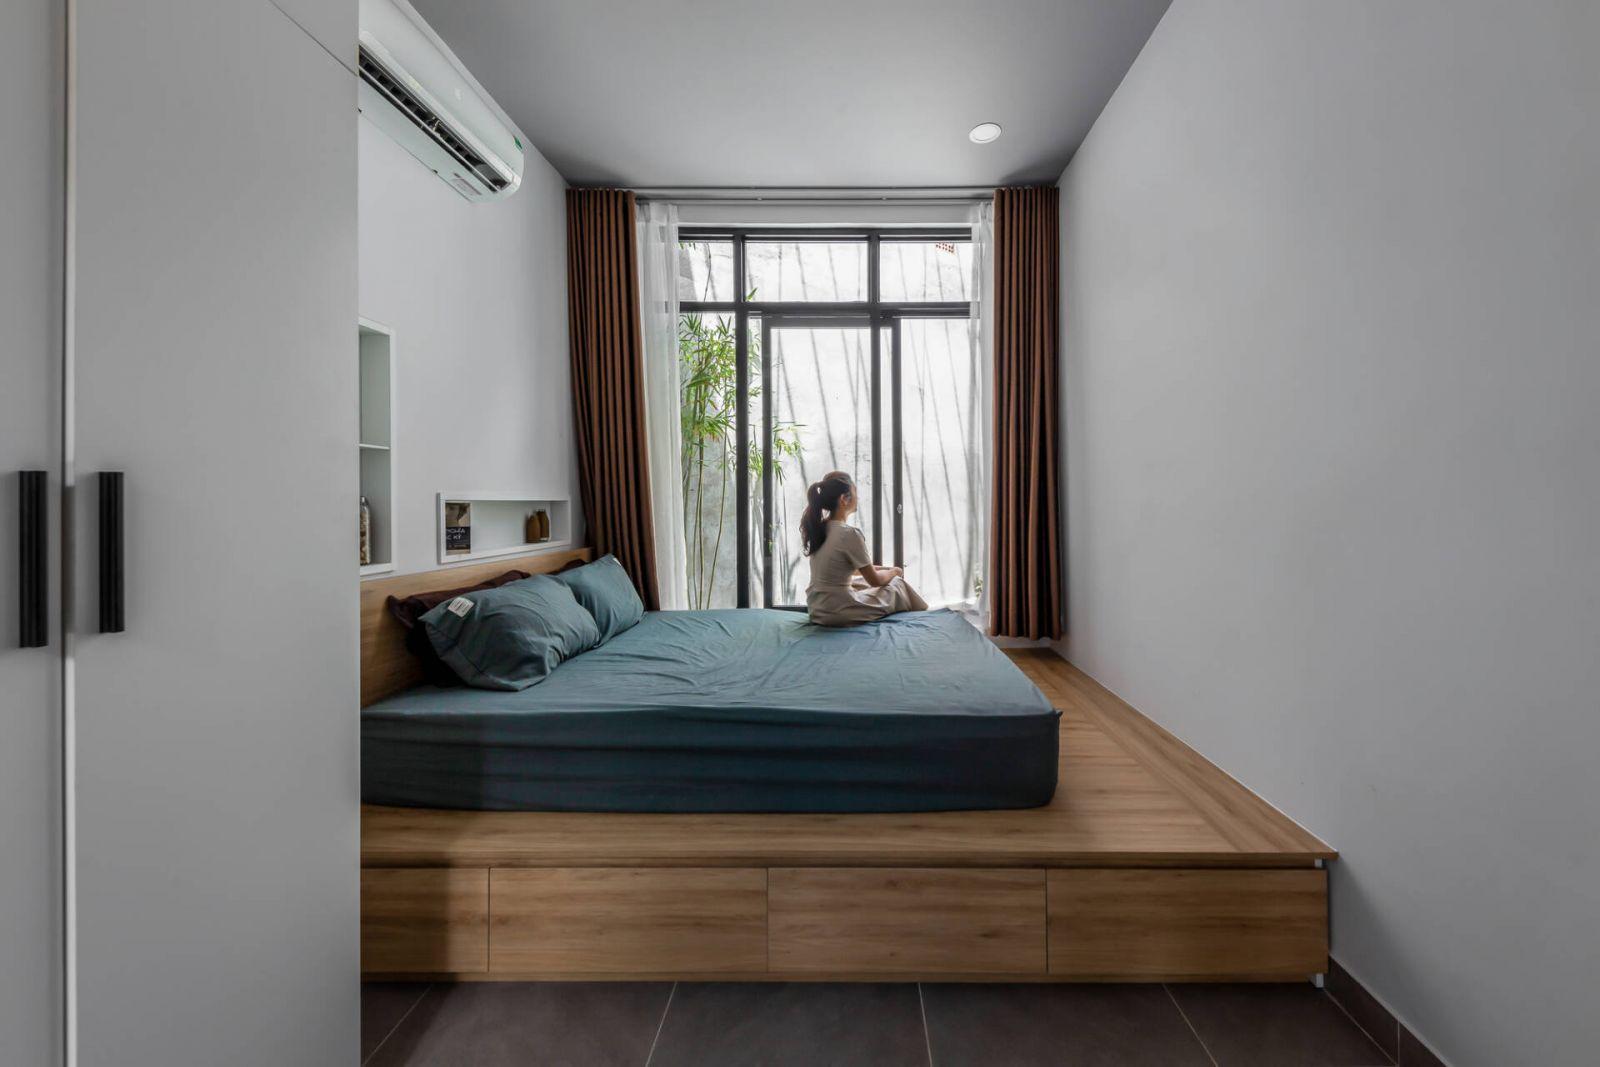 Để tối ưu không gian sinh hoạt, nhóm KTS đã sử dụng phản nằm thay vì giường, tích hợp với tủ để đồ ở bên dưới rất tiện nghi